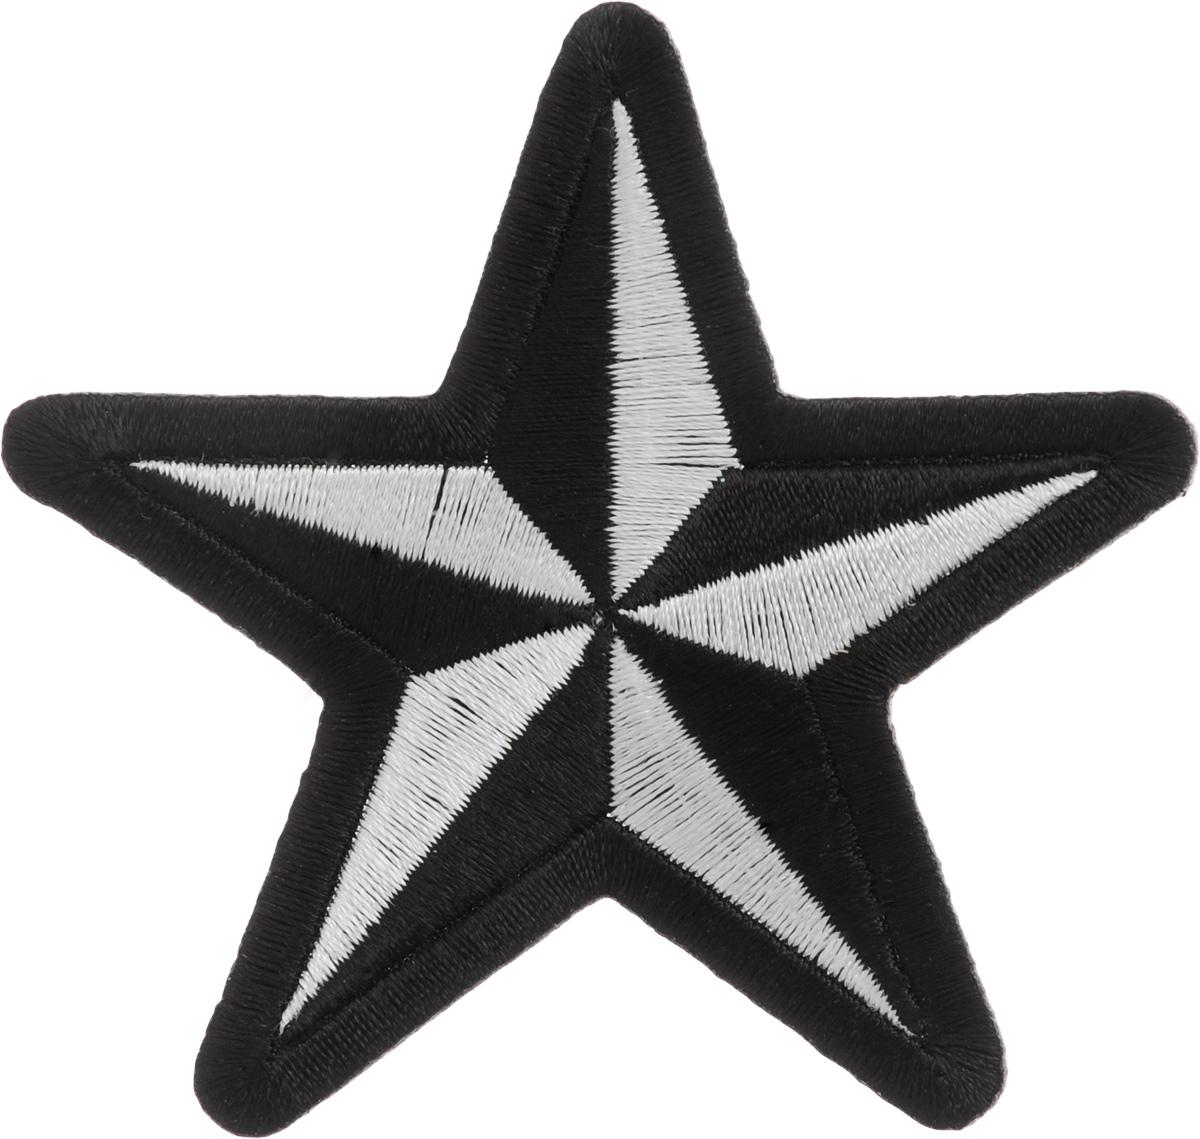 Термоаппликация Hobby&Pro Звезда, цвет: черный, белый, 7,5 х 7,5 см678060Термоаппликация Hobby&Pro Звезда изготовлена из текстиля. Изделие закрепляется на ткани при помощи утюга. Установите утюг на отметку Max, расположите аппликацию на изделии и прогладьте несколько раз через ткань с лицевой и изнаночной стороны. С такой термоаппликацией вы сможете обновить старые джинсы, рубашки, кофты, детскую одежду, вещь станет неповторимой и особенной.